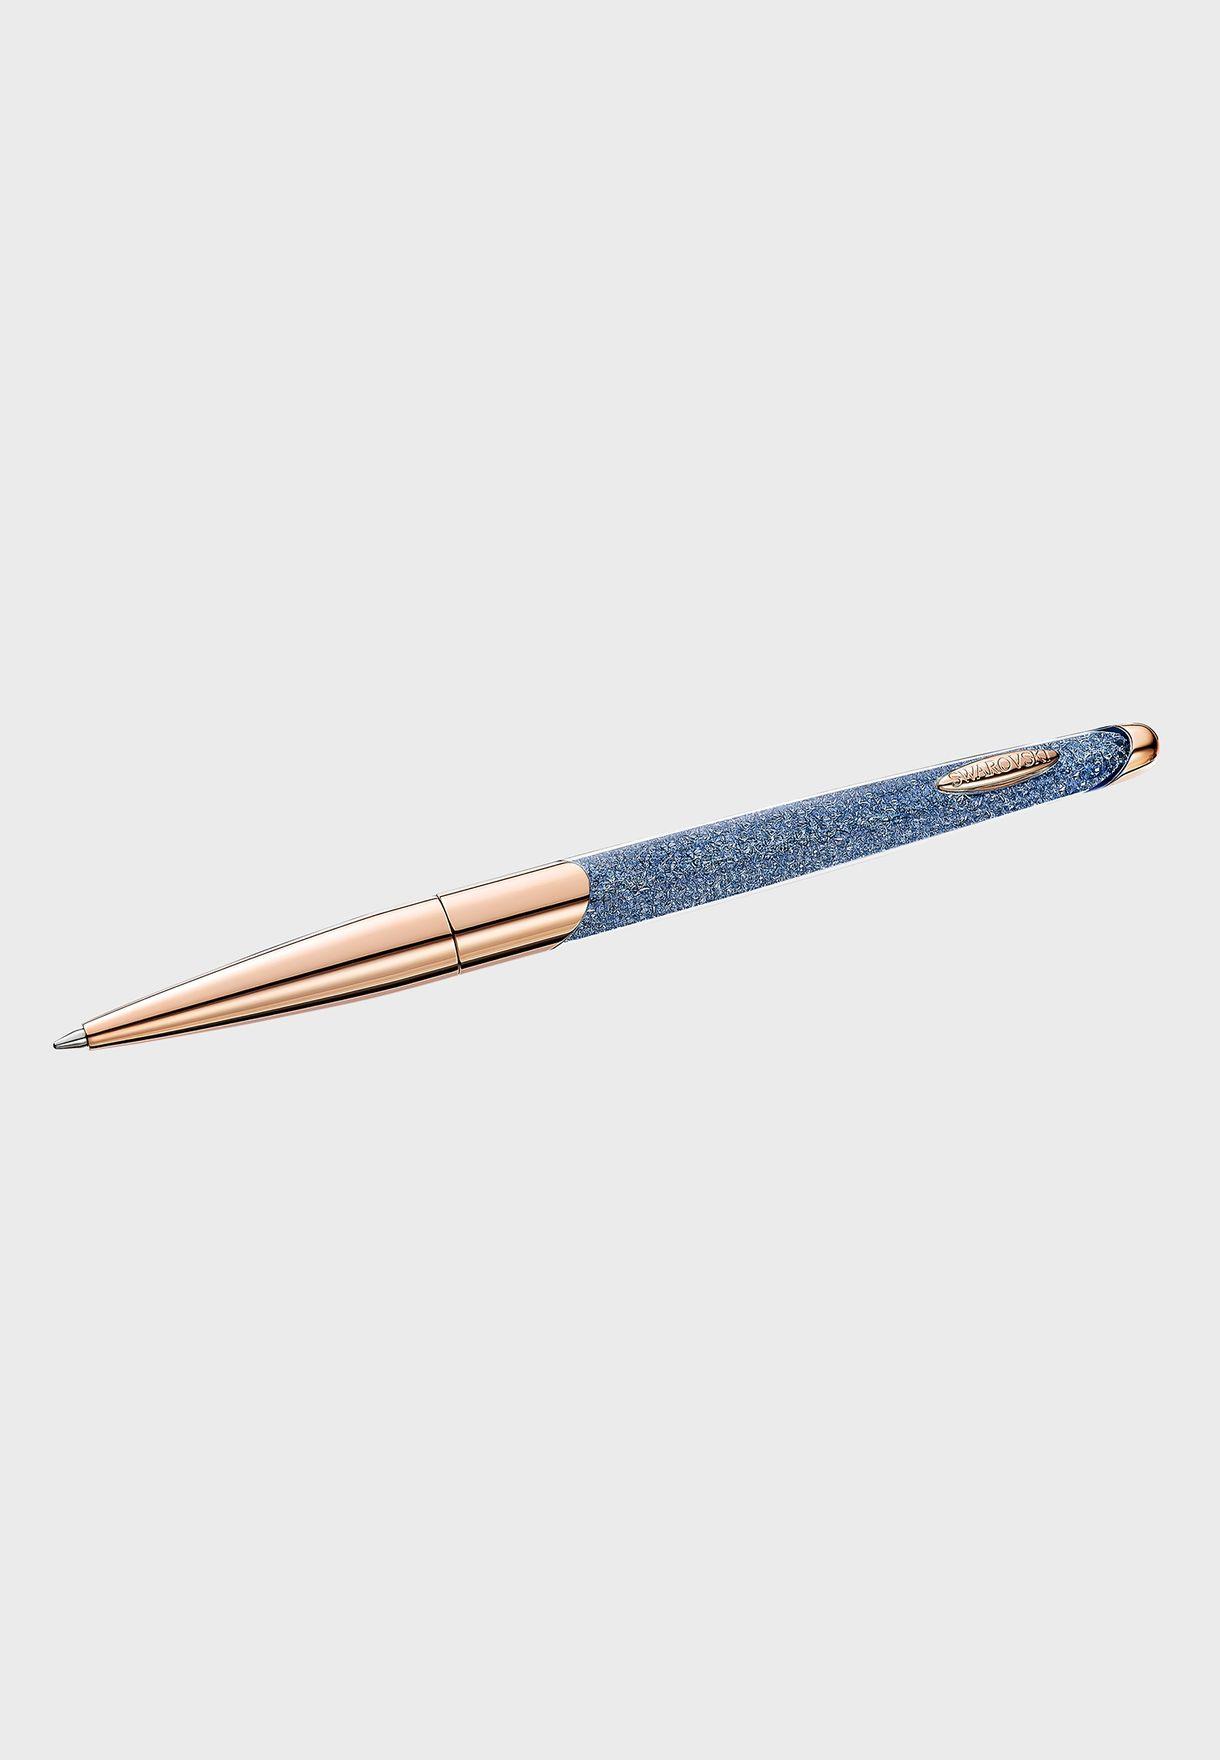 قلم حبر جاف مرصع بالكريستال